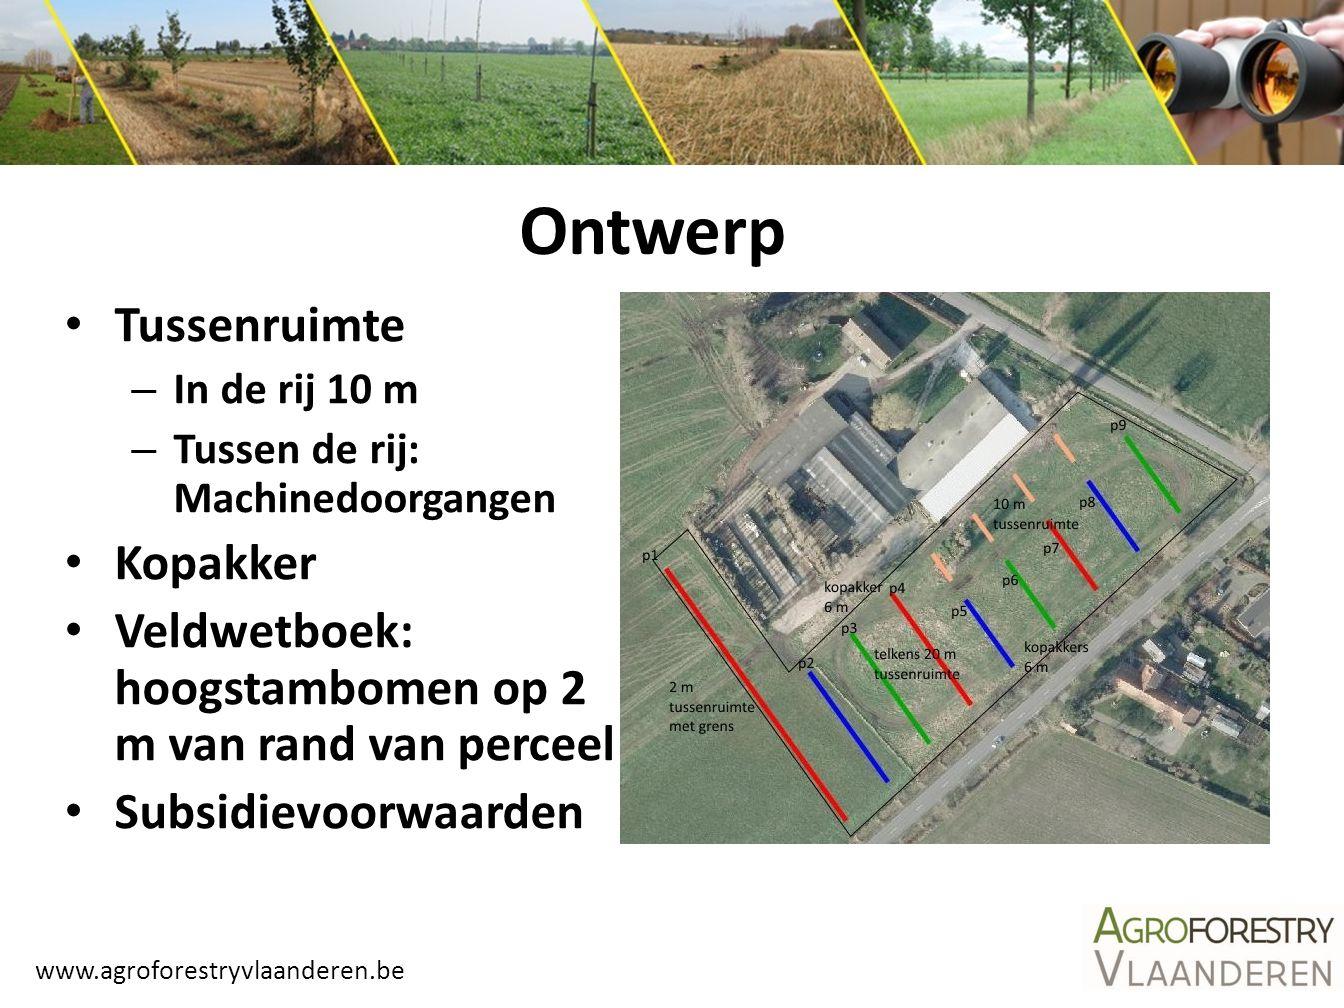 www.agroforestryvlaanderen.be Tussenruimte – In de rij 10 m – Tussen de rij: Machinedoorgangen Kopakker Veldwetboek: hoogstambomen op 2 m van rand van